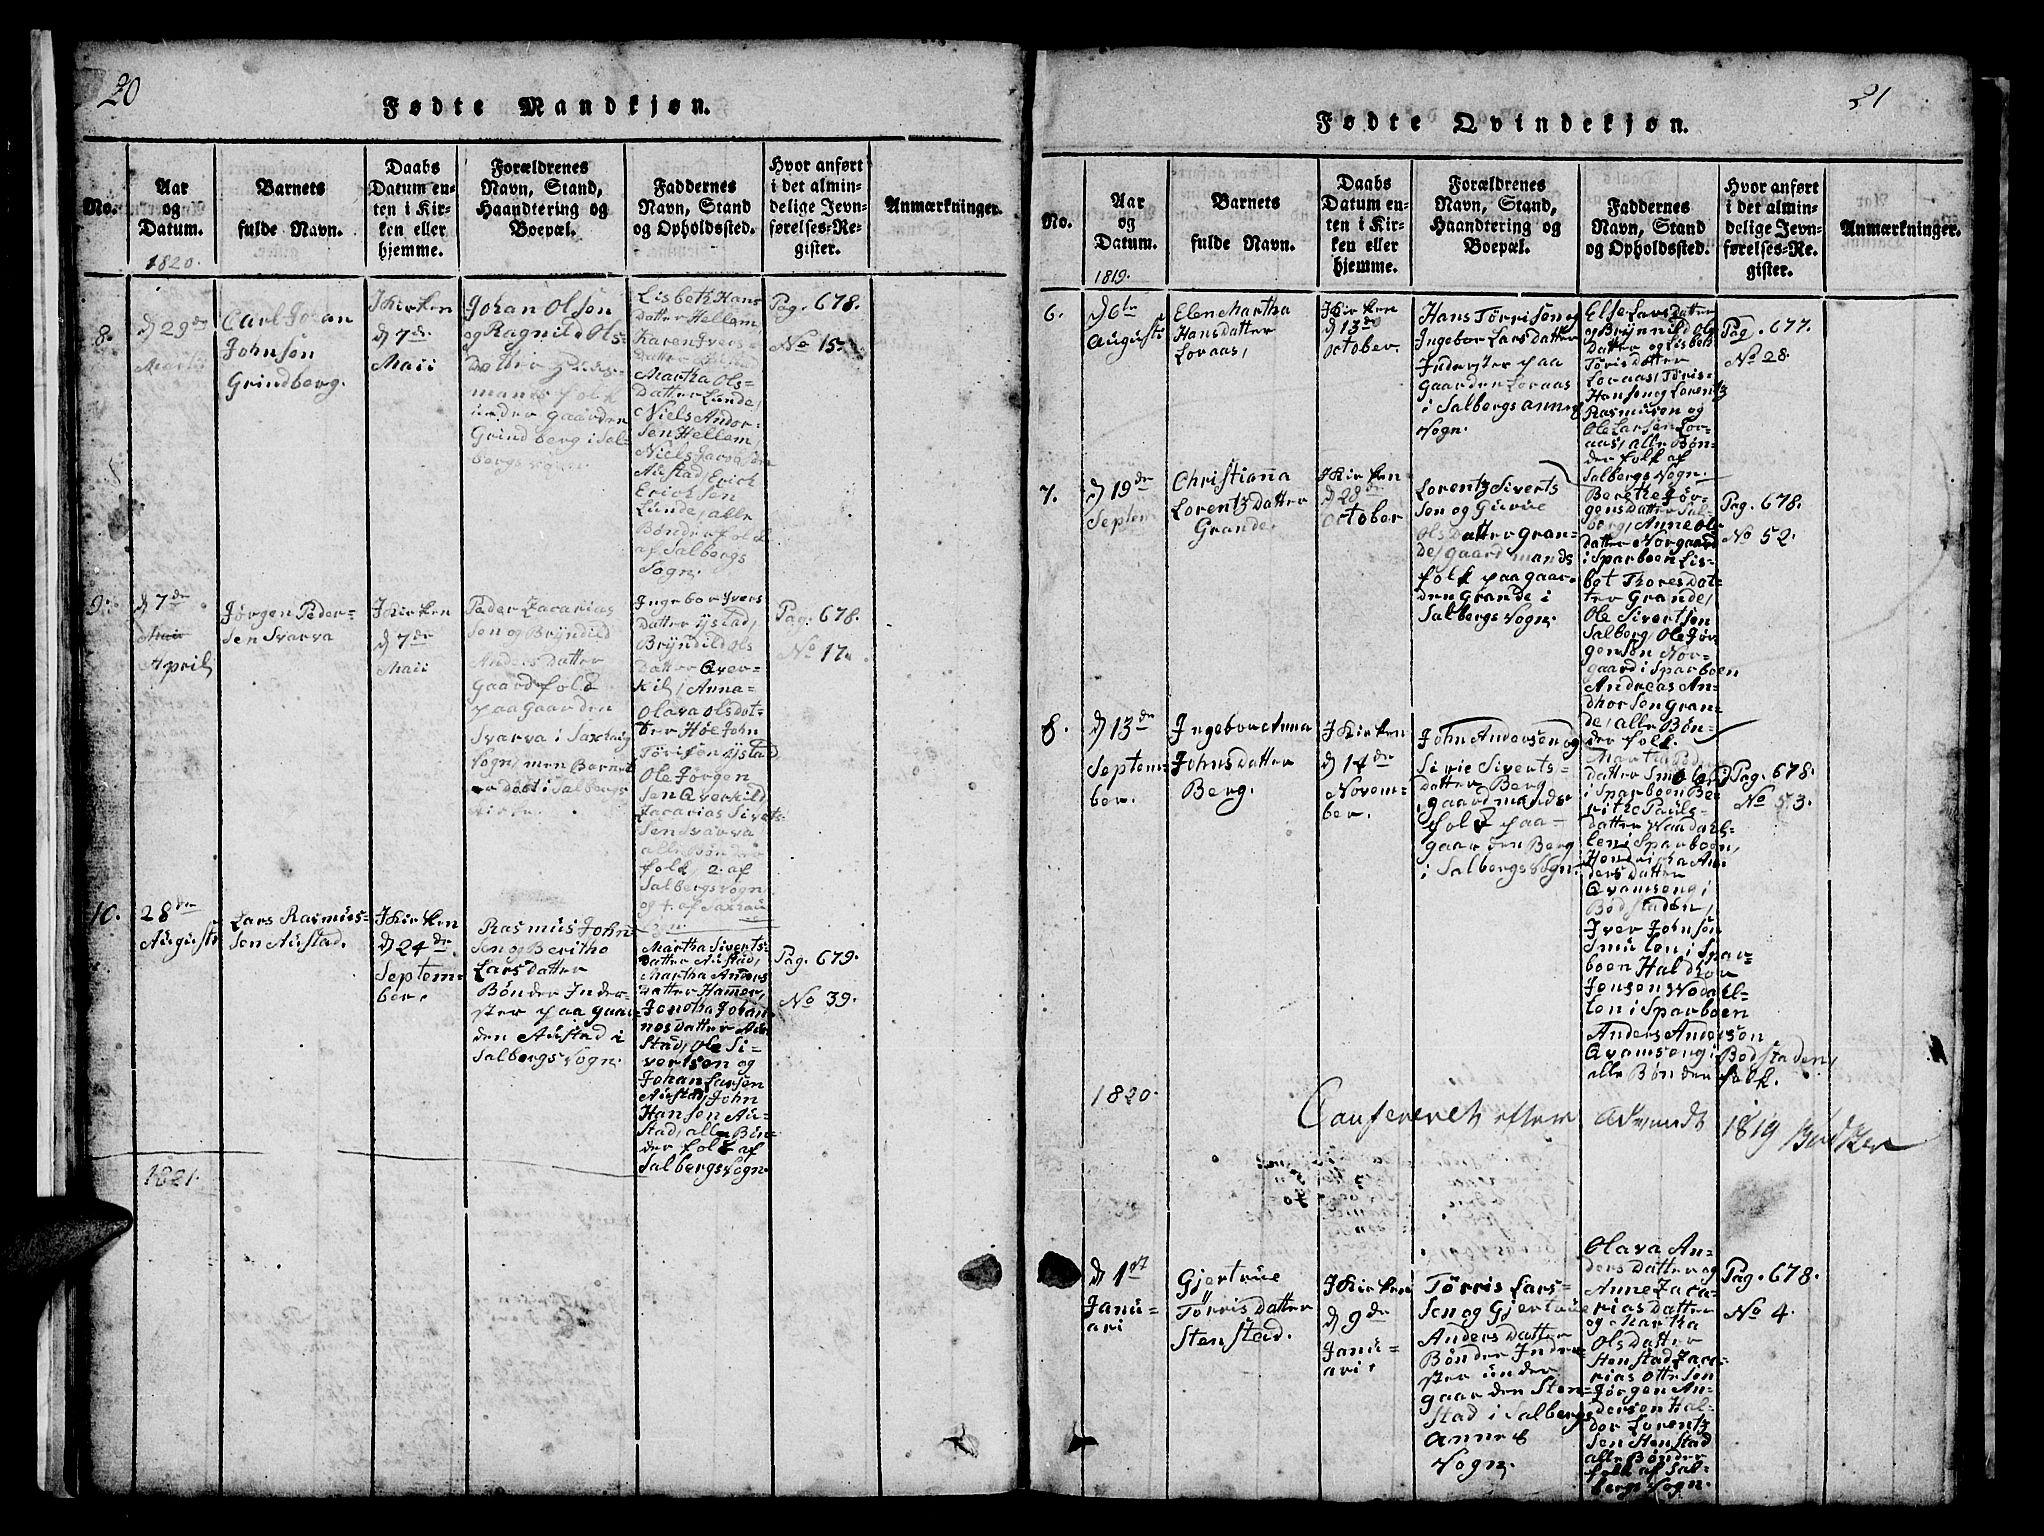 SAT, Ministerialprotokoller, klokkerbøker og fødselsregistre - Nord-Trøndelag, 731/L0310: Klokkerbok nr. 731C01, 1816-1874, s. 20-21